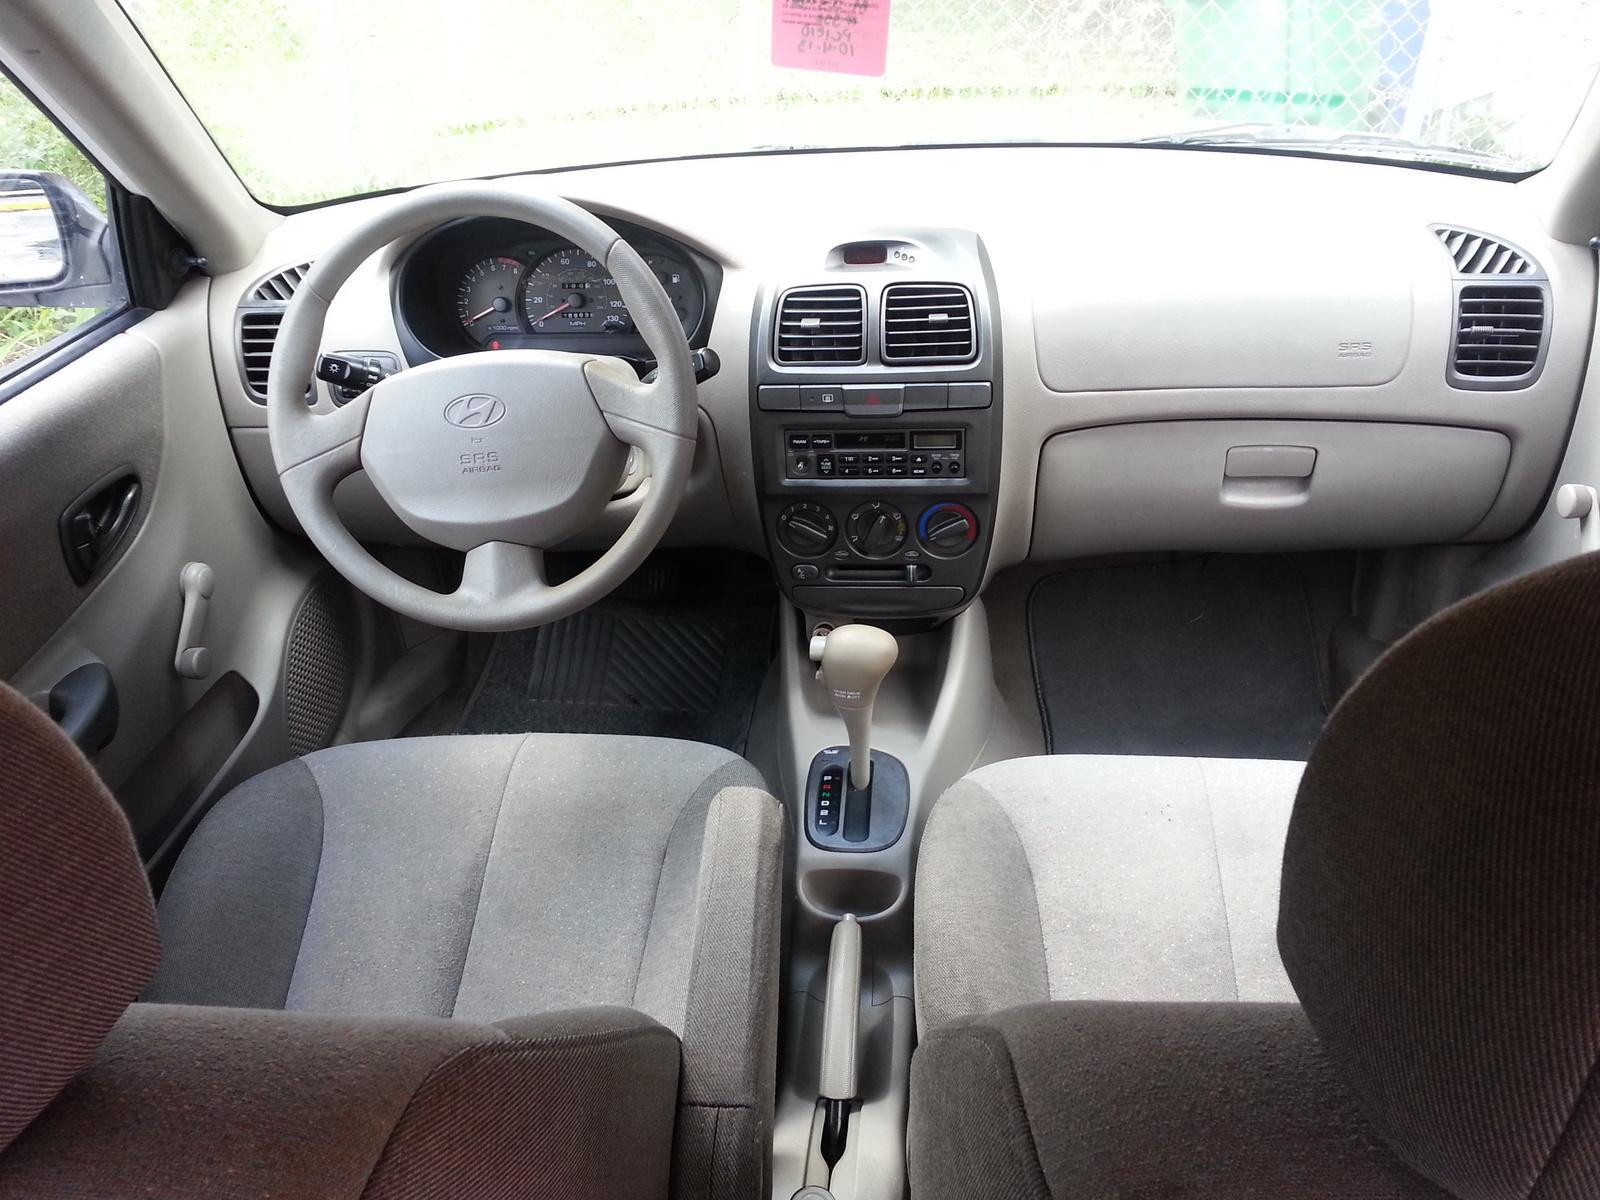 2002 Hyundai Accent Interior Pictures Cargurus